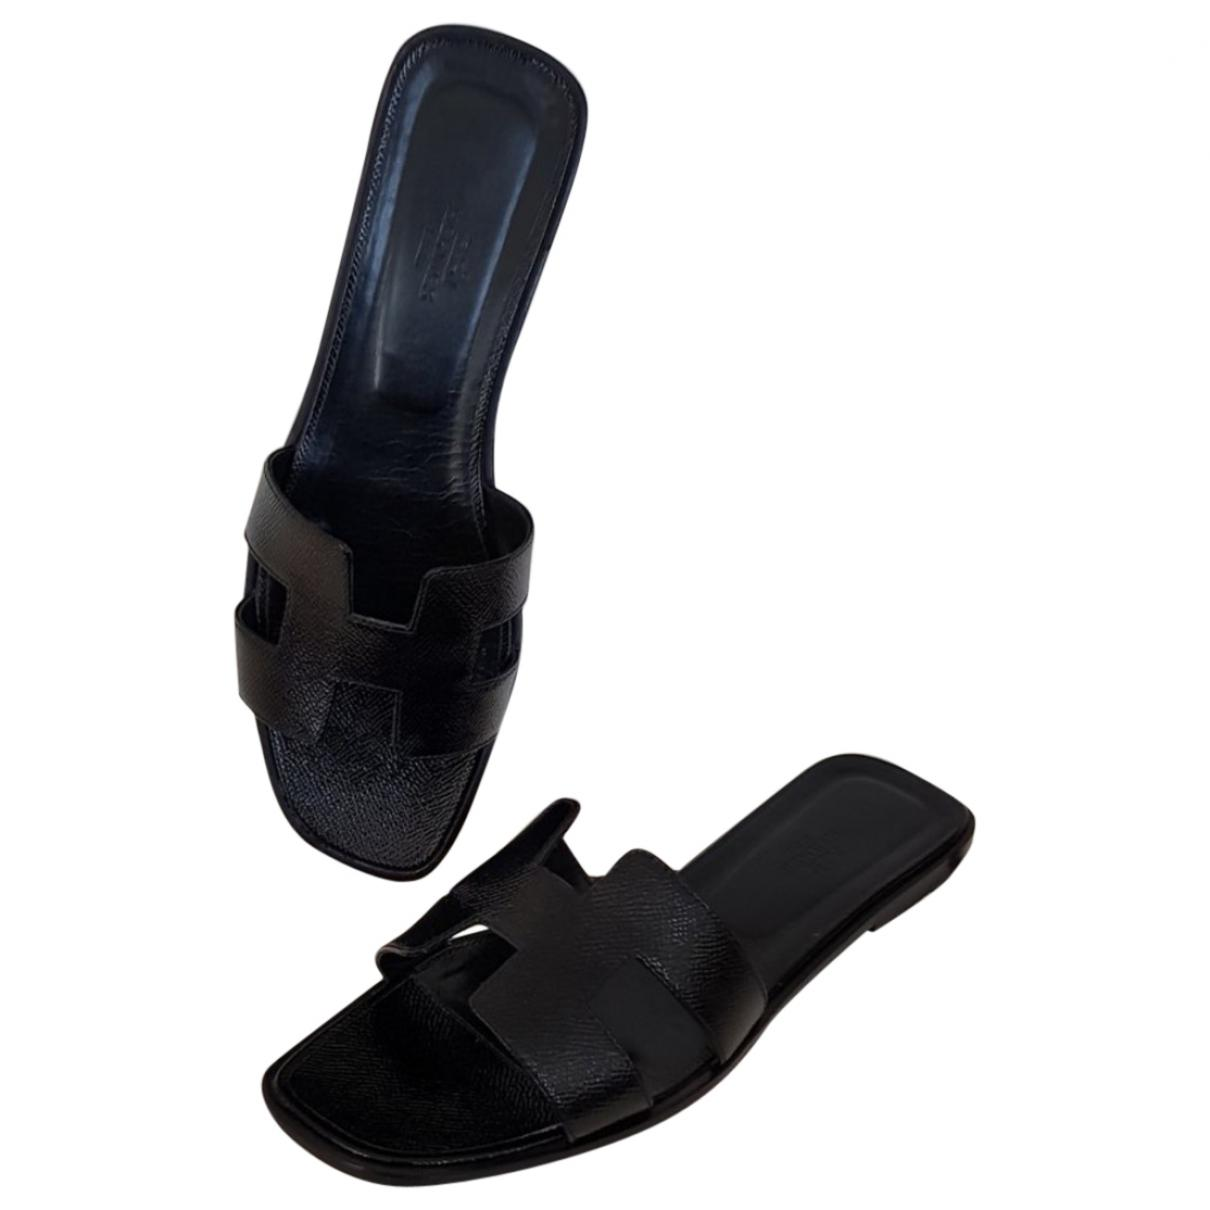 Hermès Oran Patent Leather Mules in